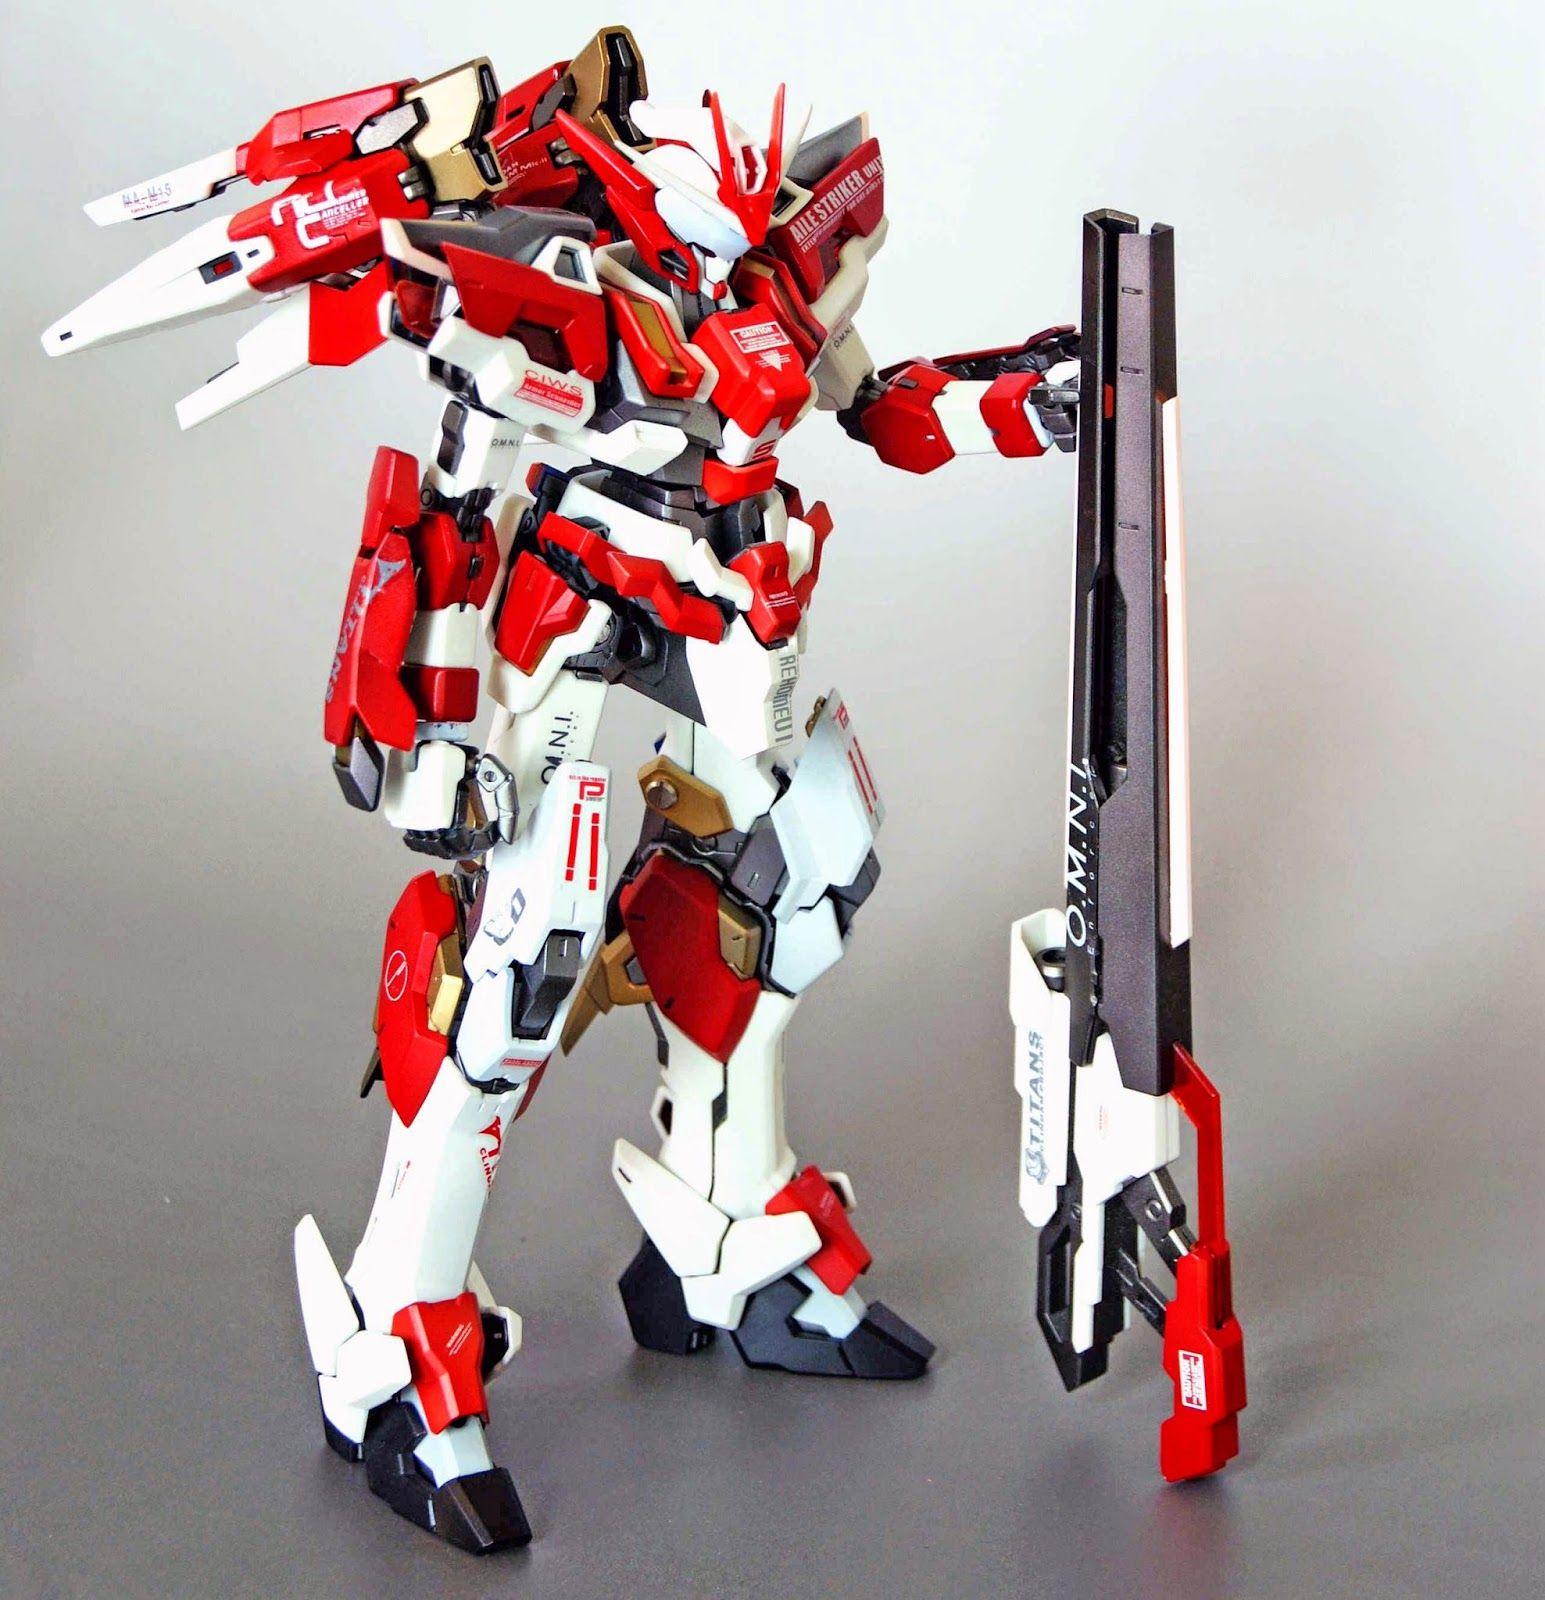 GUNDAM GUY: 1/100 Red Frame Astray + Freedom Gundam + Other Kitbash - Custom Build